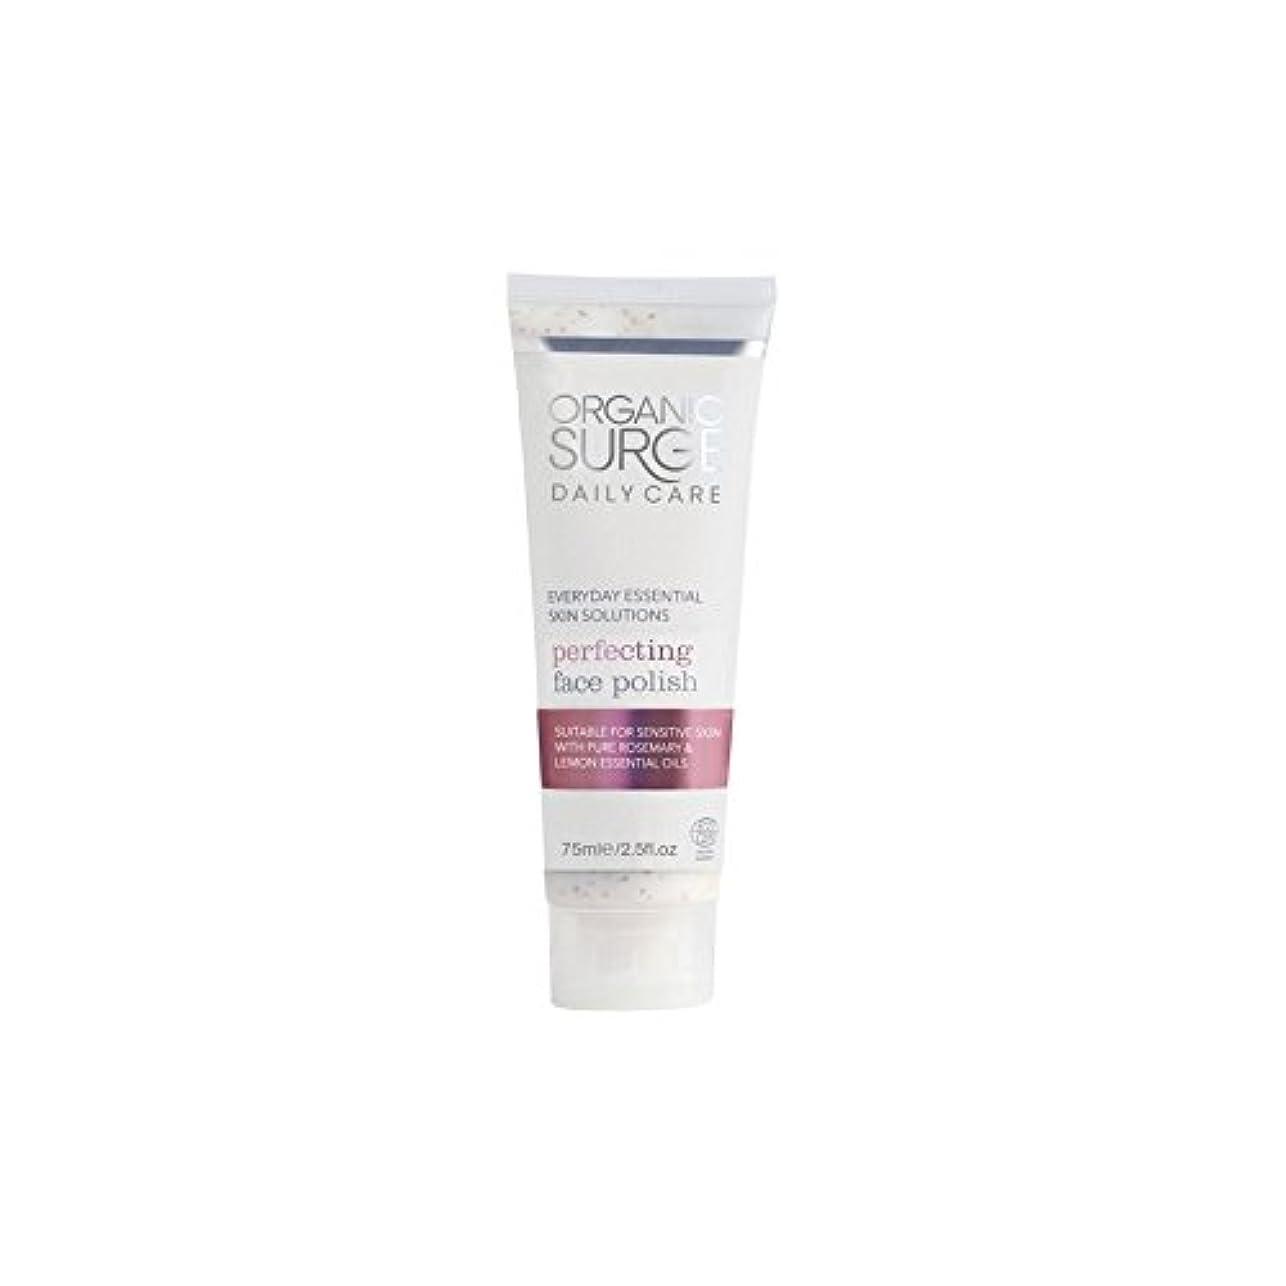 まばたき慢バケツ面研磨を完成有機サージ毎日のケア(75ミリリットル) x4 - Organic Surge Daily Care Perfecting Face Polish (75ml) (Pack of 4) [並行輸入品]